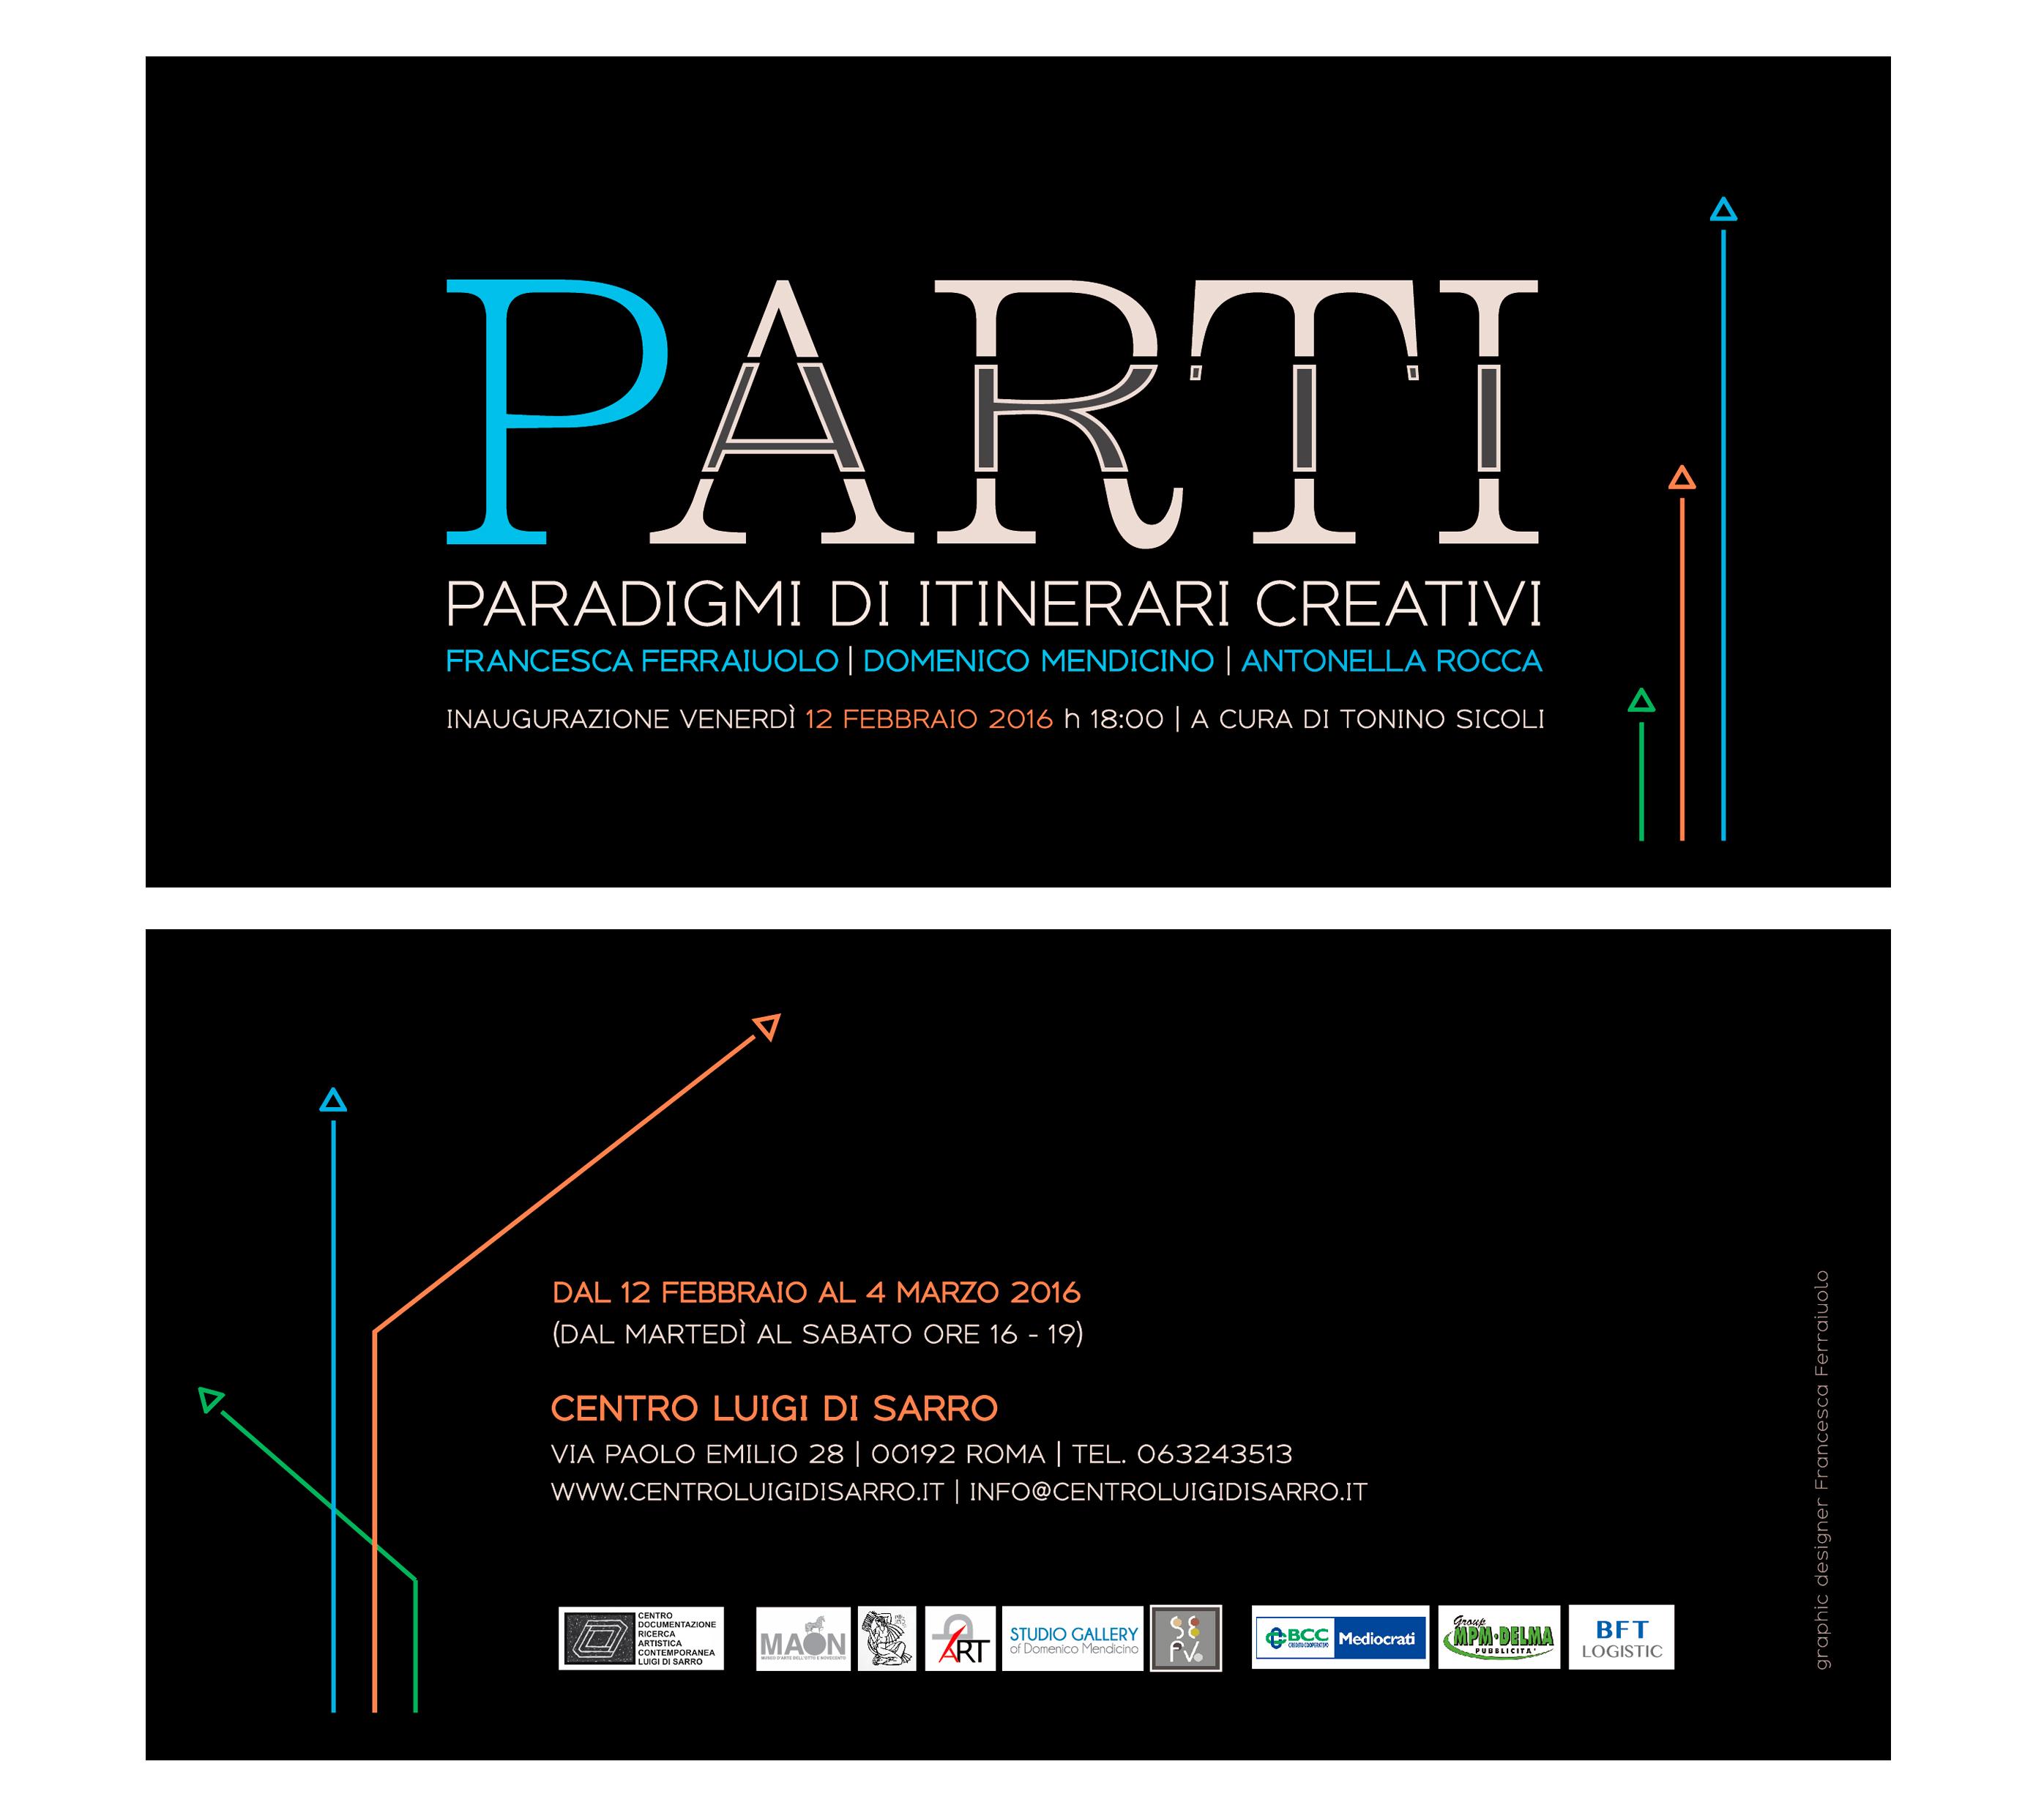 PARTI / Paradigmi di itinerari creativi a Roma dal 12.02 al 4.03